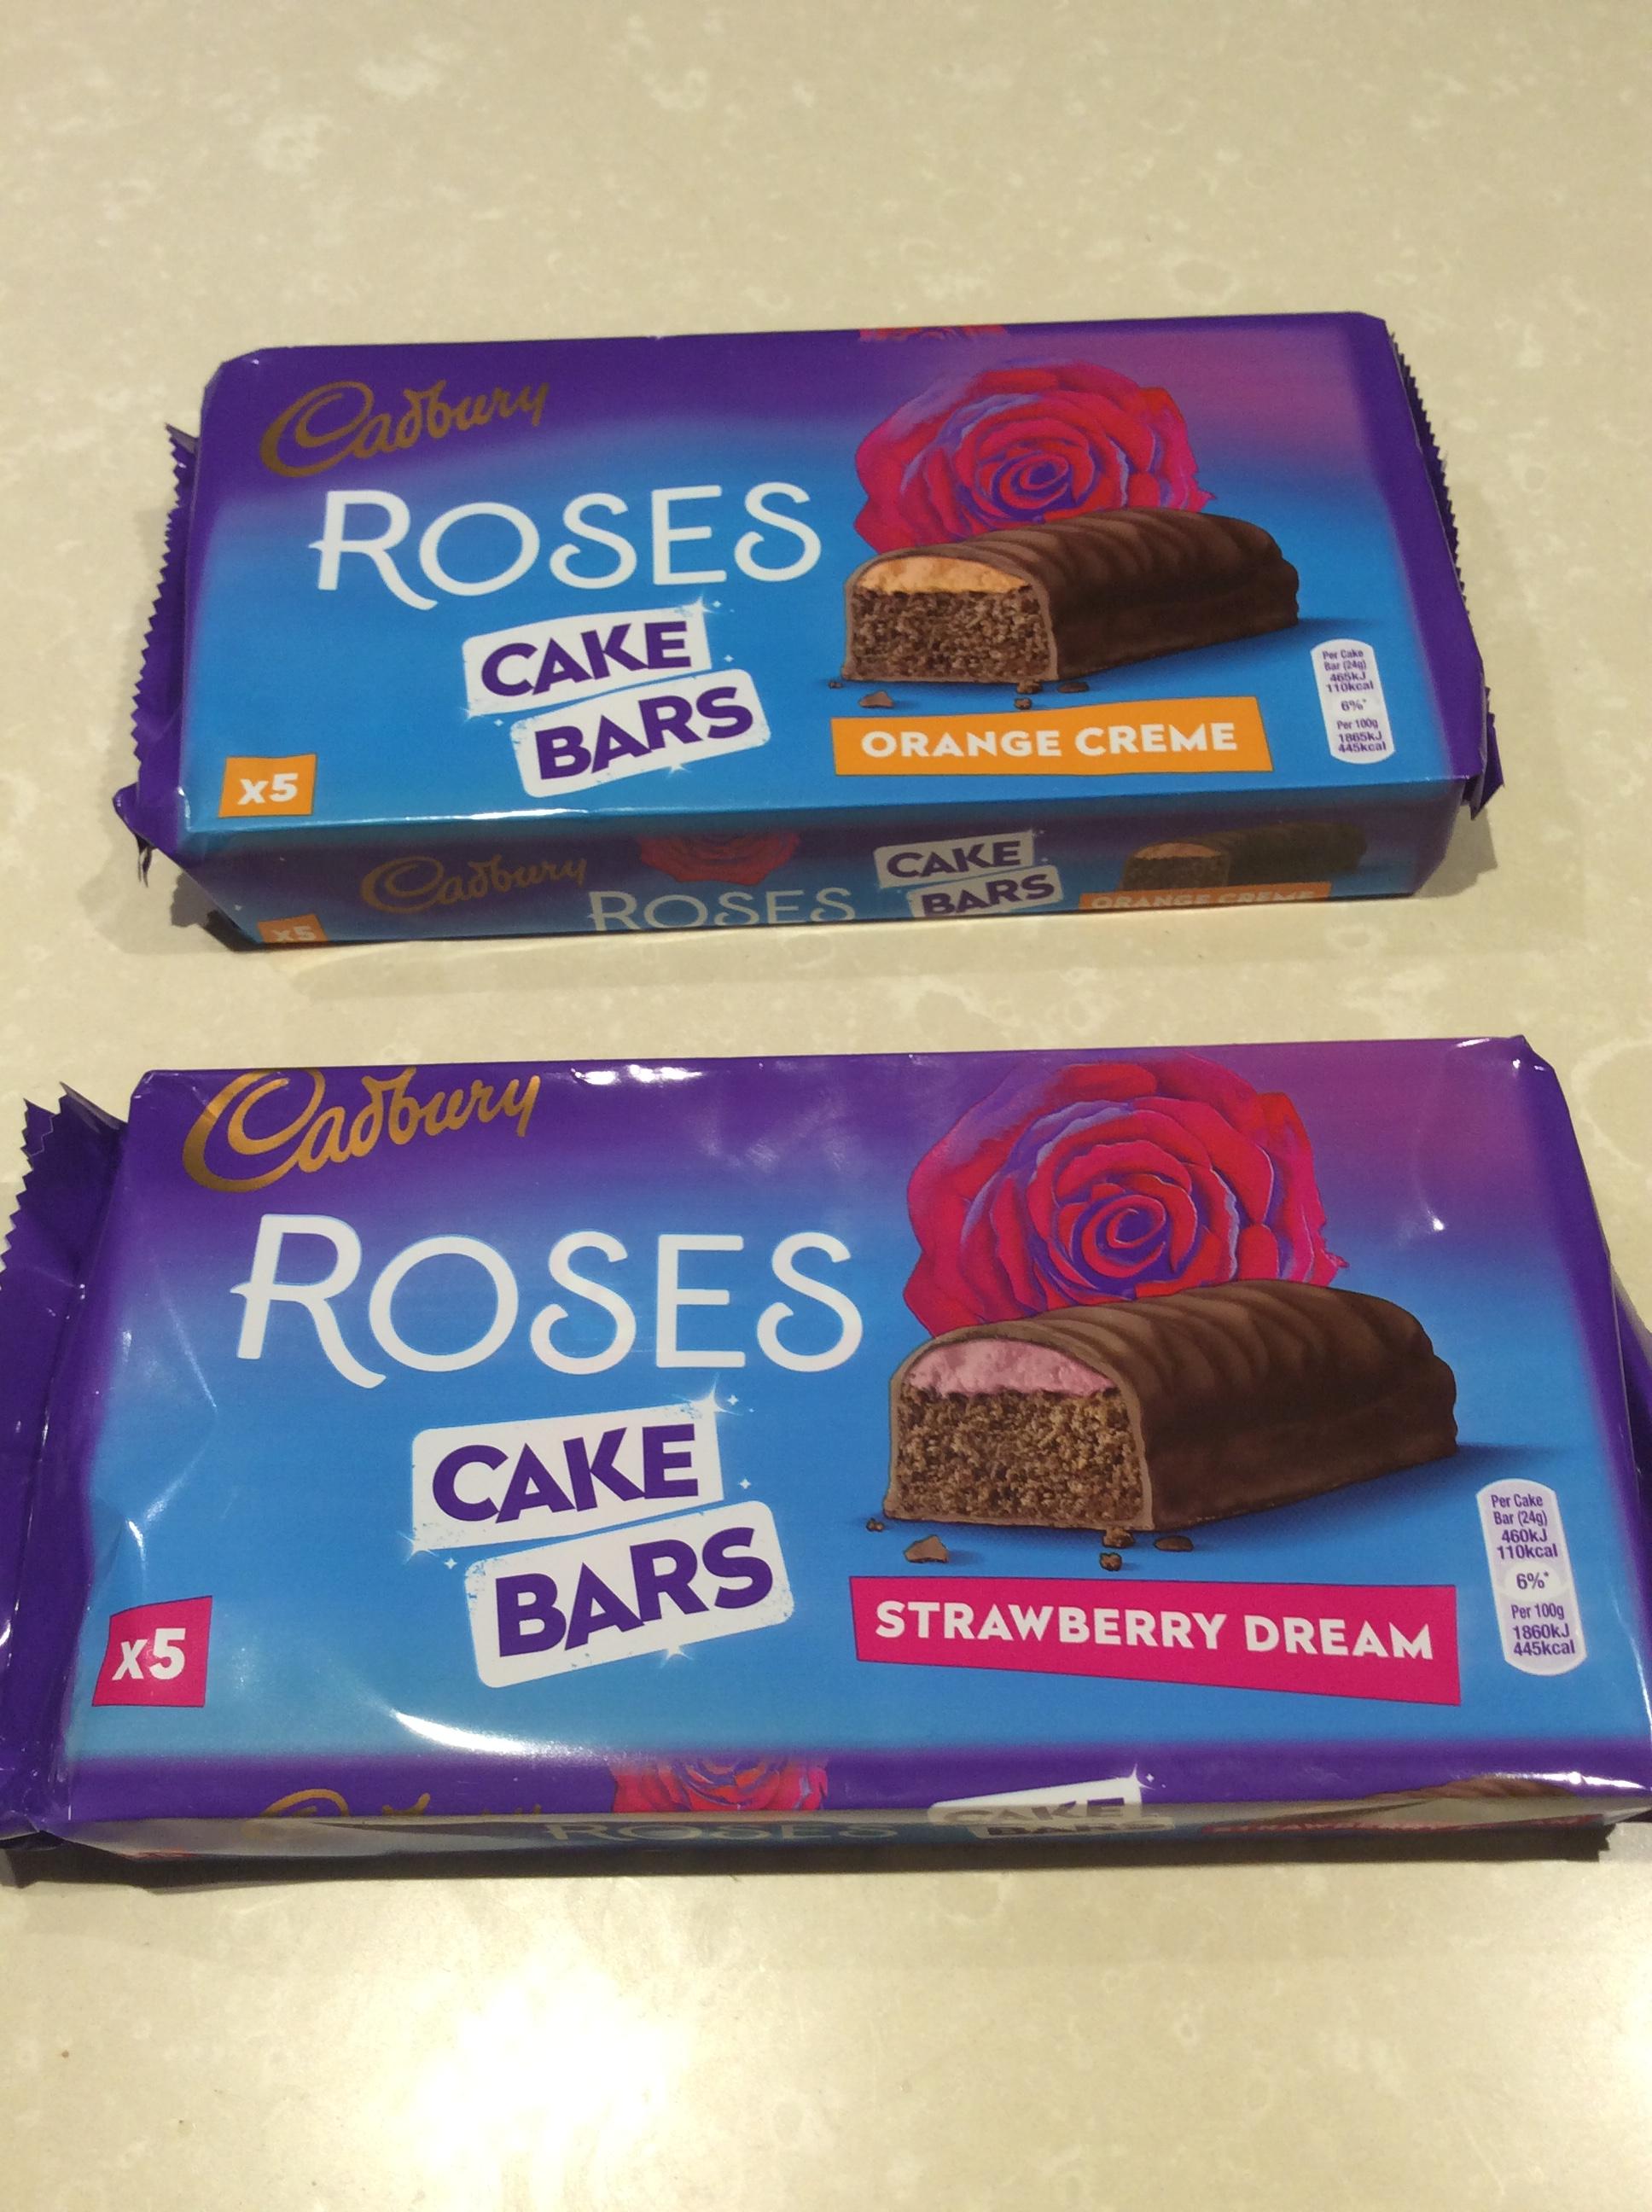 Roses cake bars - 5 bars for 25p - instore @ Tesco Cleethorpes